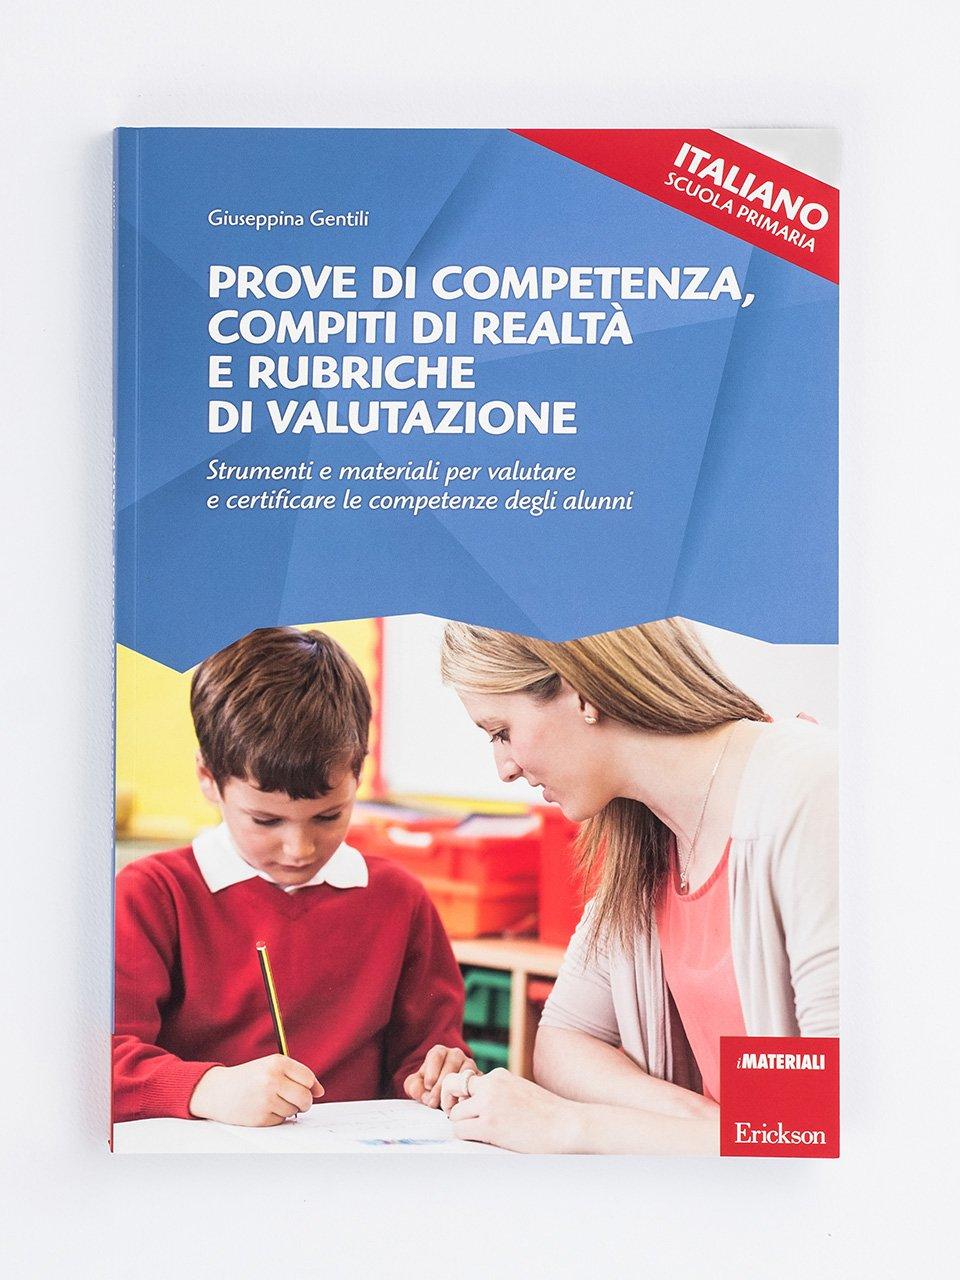 Prove di competenza, compiti di realtà e rubriche di valutazione - ITALIANO - SCUOLA PRIMARIA - Competenze e valutazione metodologica - Libri - Erickson